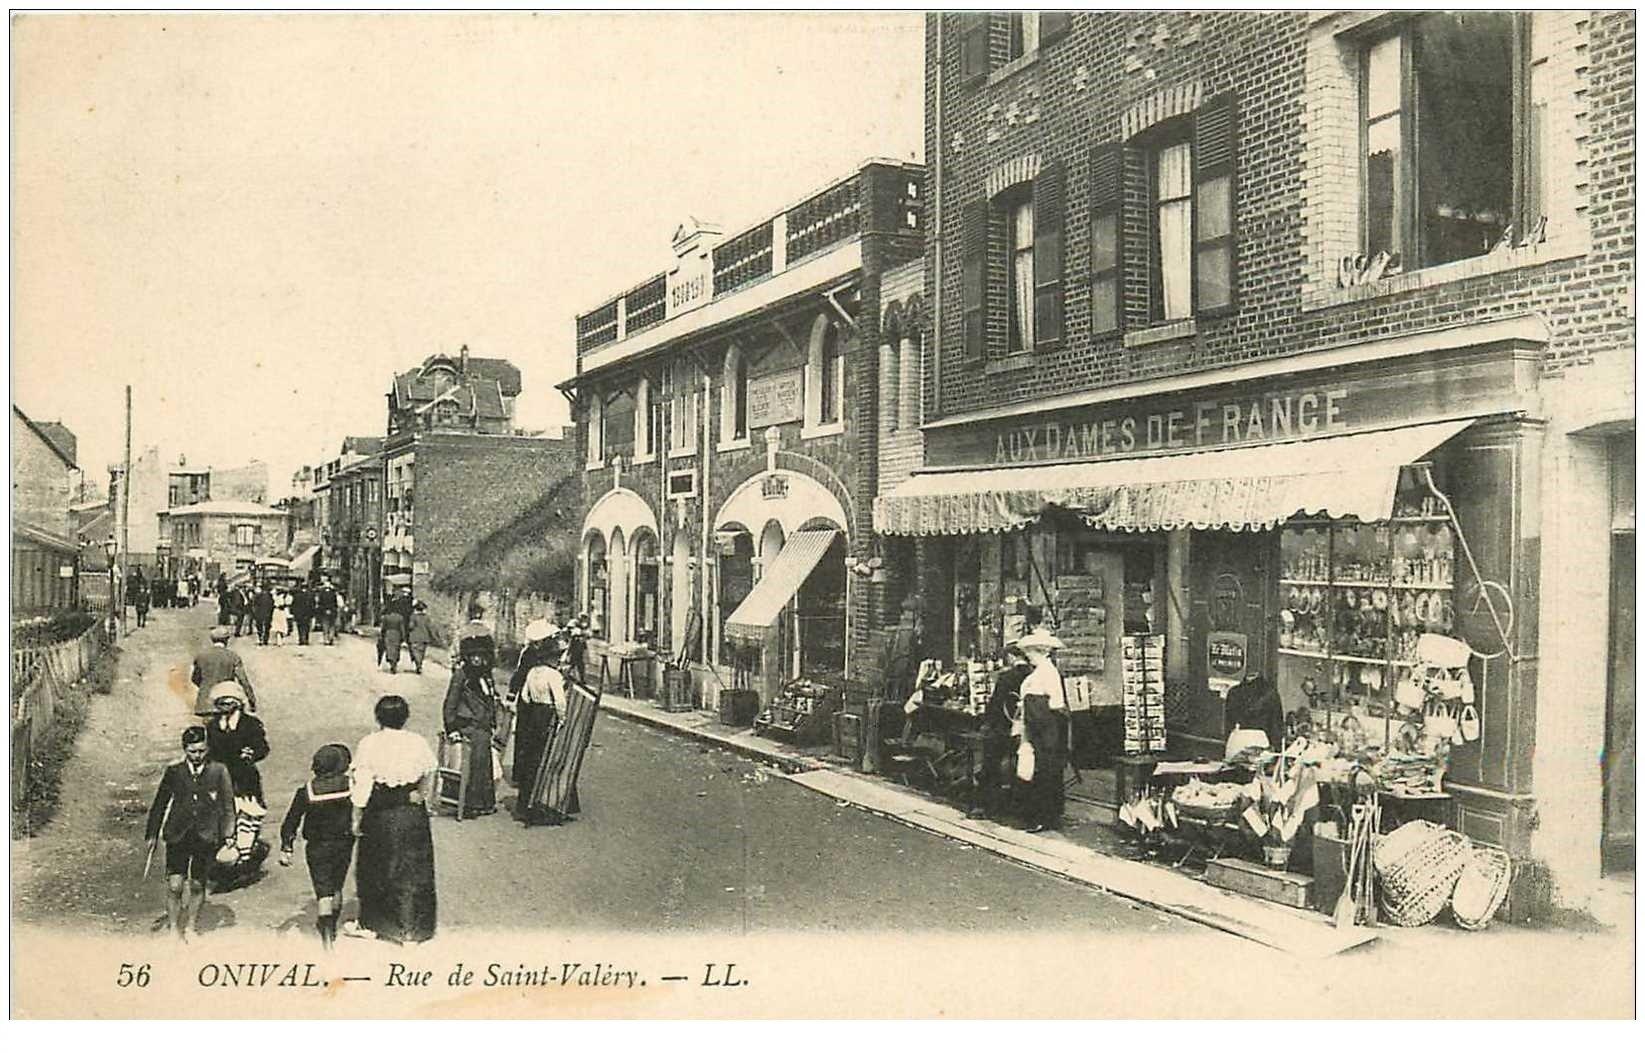 80 ONIVAL. Rue Saint Valéry magasin Aux Dames de France vente de cartes postales